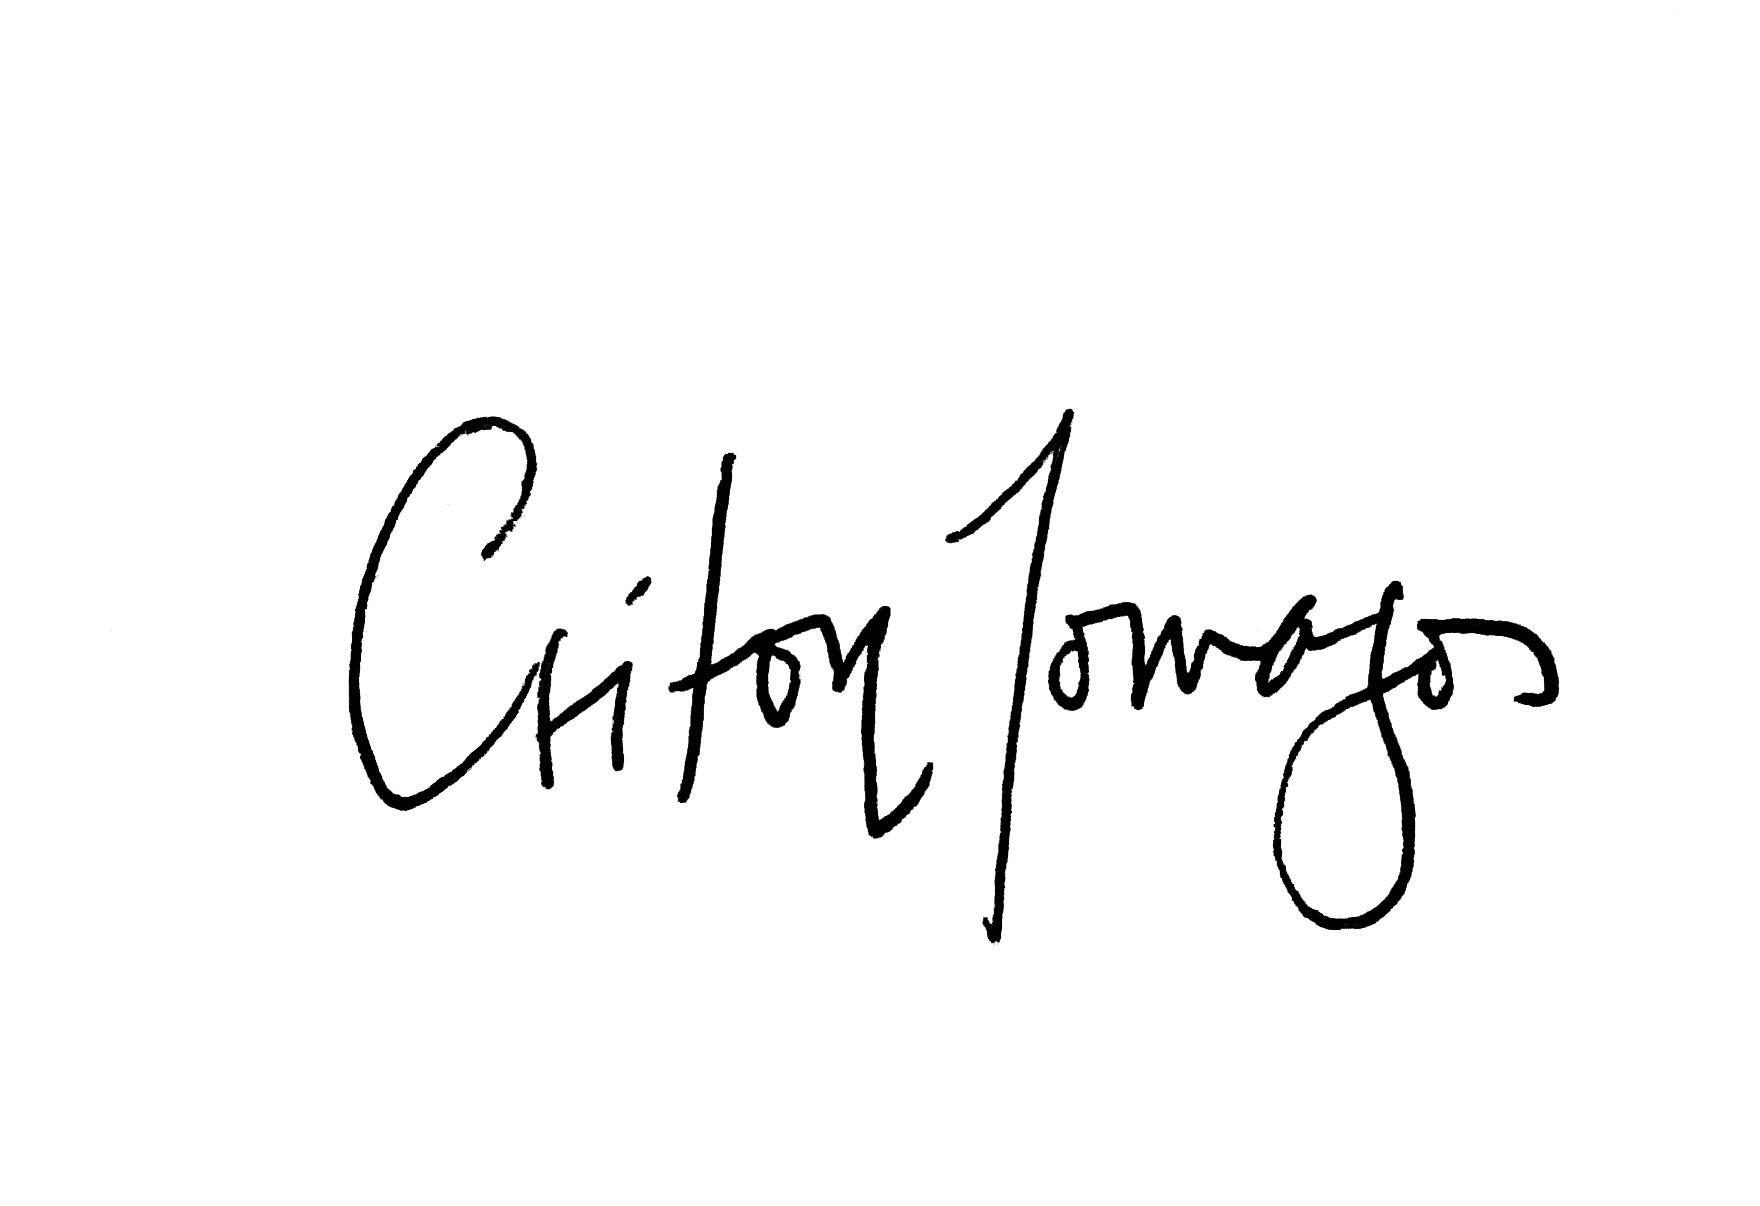 Criton Tomazos Signature